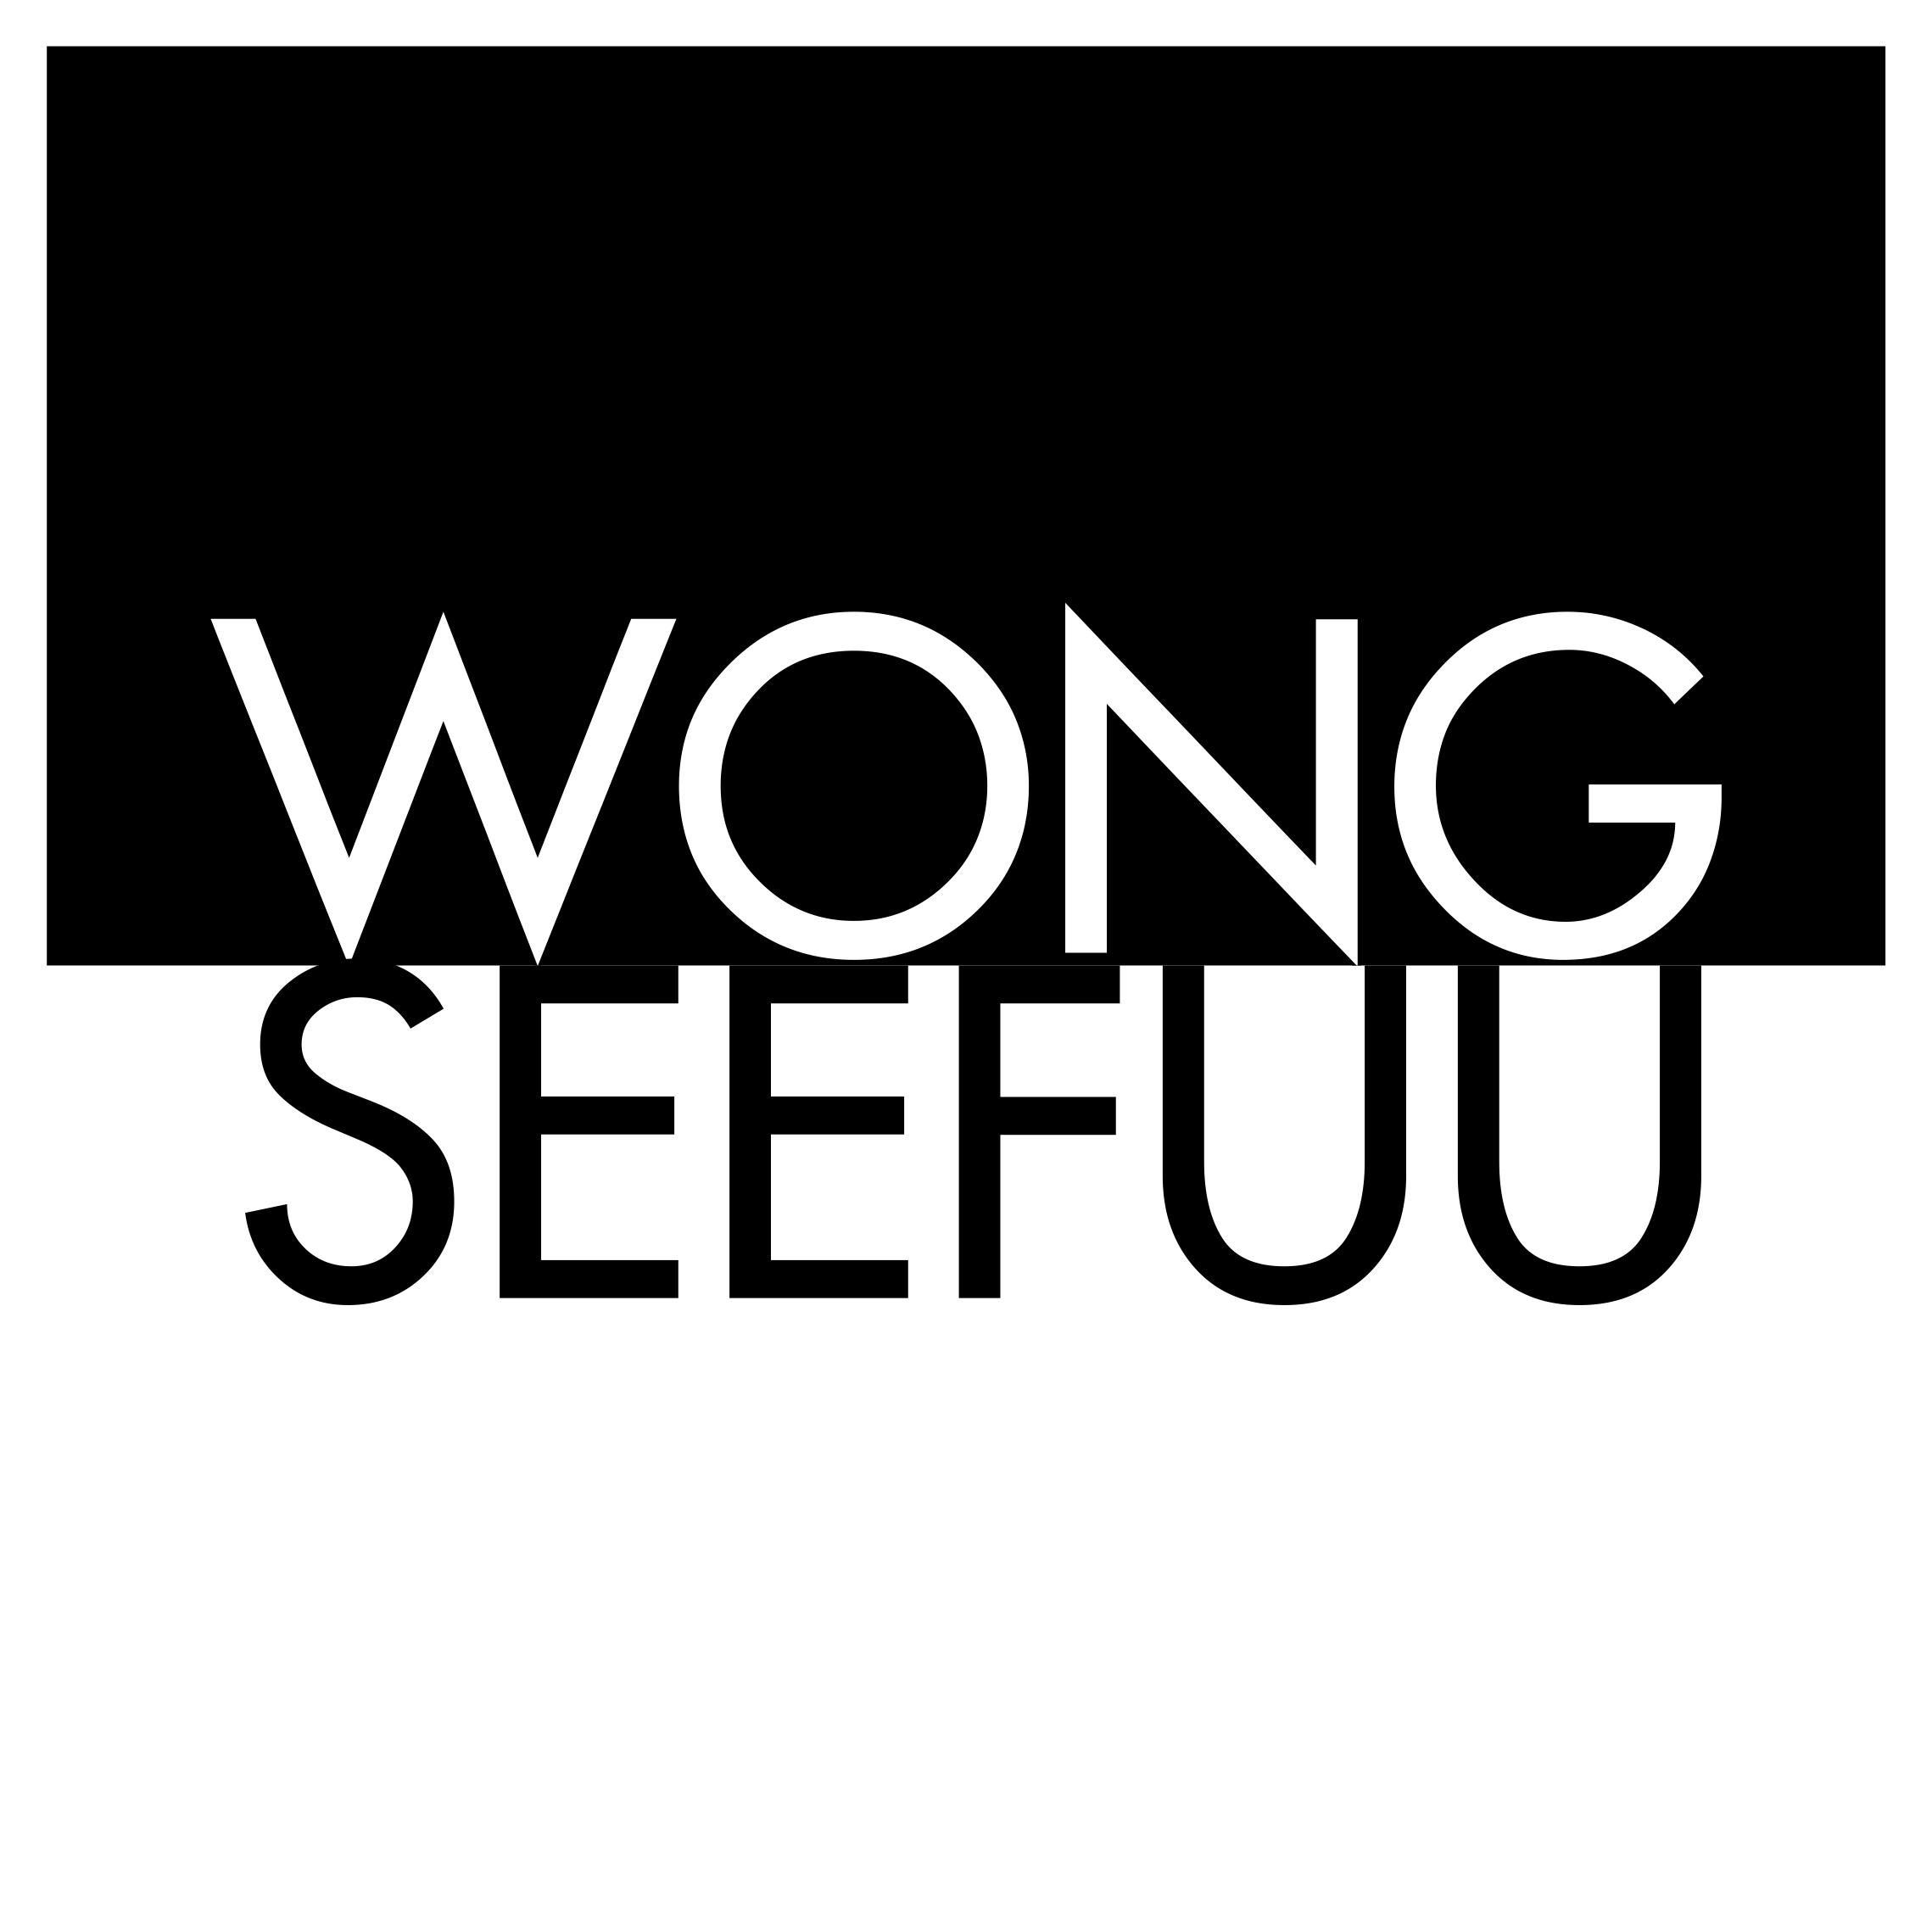 Wong See Fuu